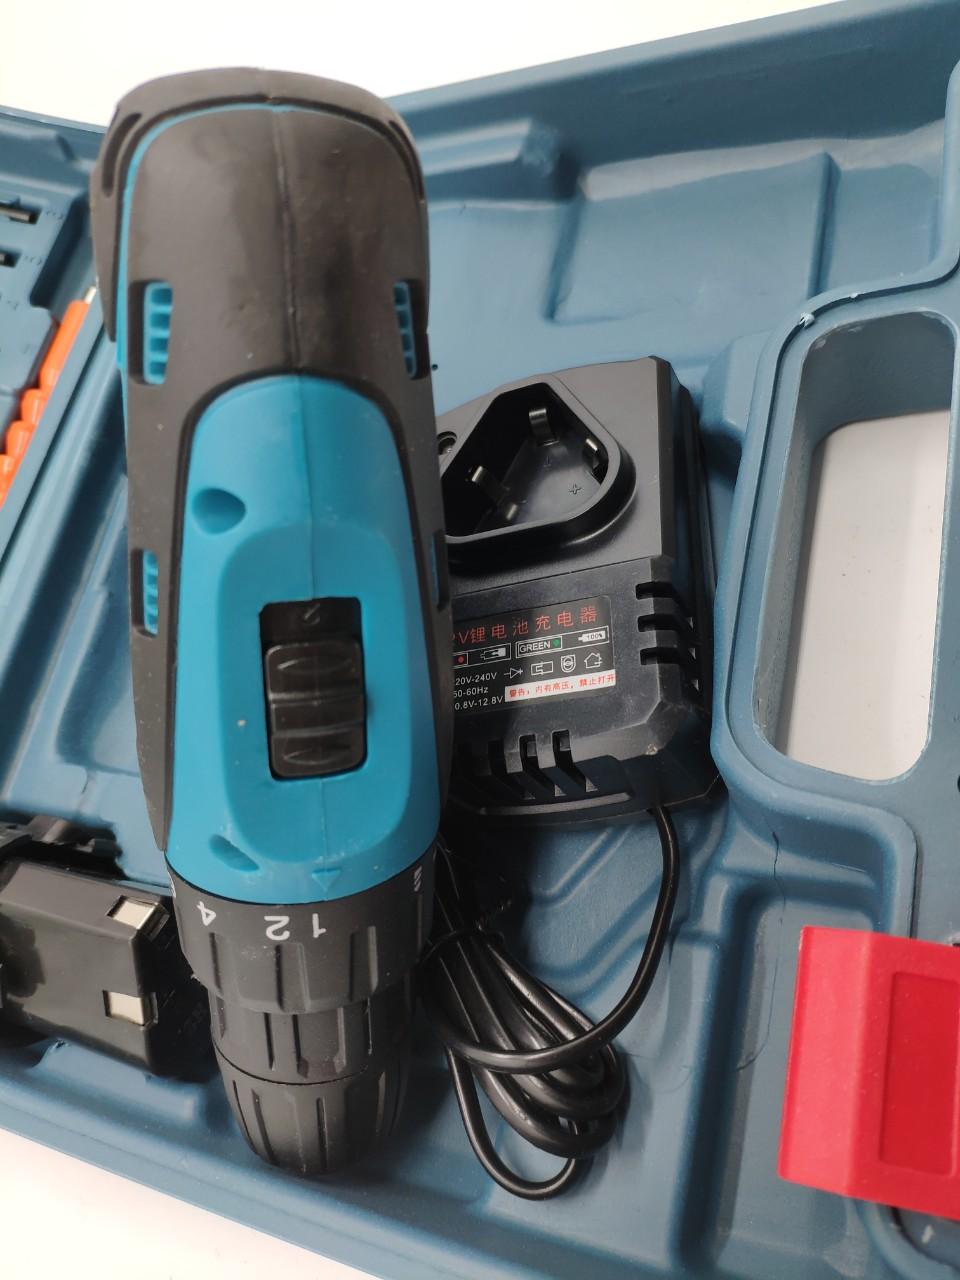 Bộ máy khoan PIN 12V Bắn vặn vít sữa chữa đa năng